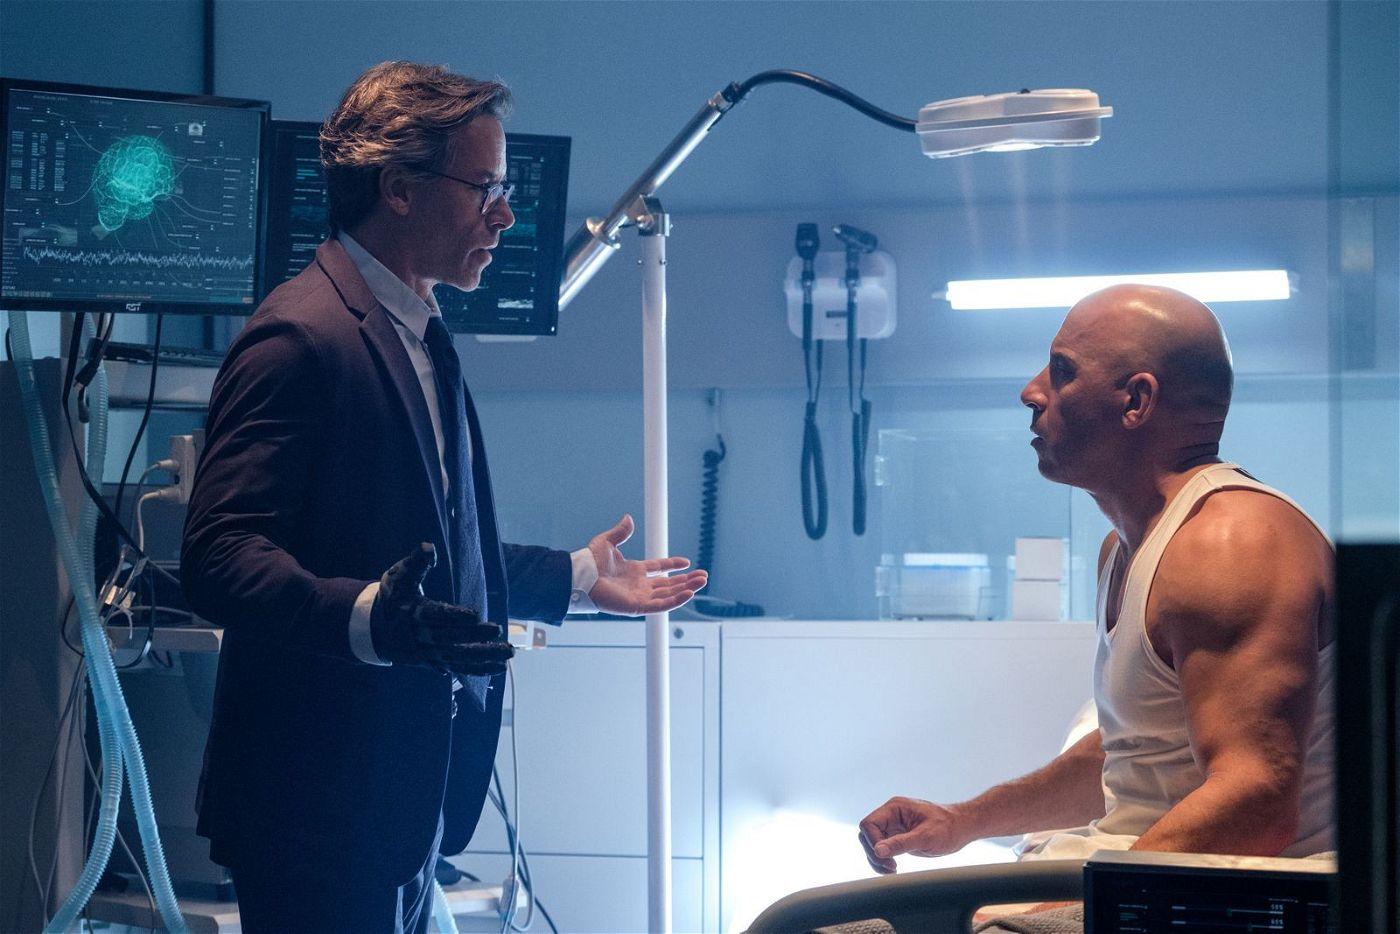 RST-Projektleiter Dr. Harting (Guy Pearce, links) klärt Ray Garrison (Vin Diesel) über seinen Zustand auf.